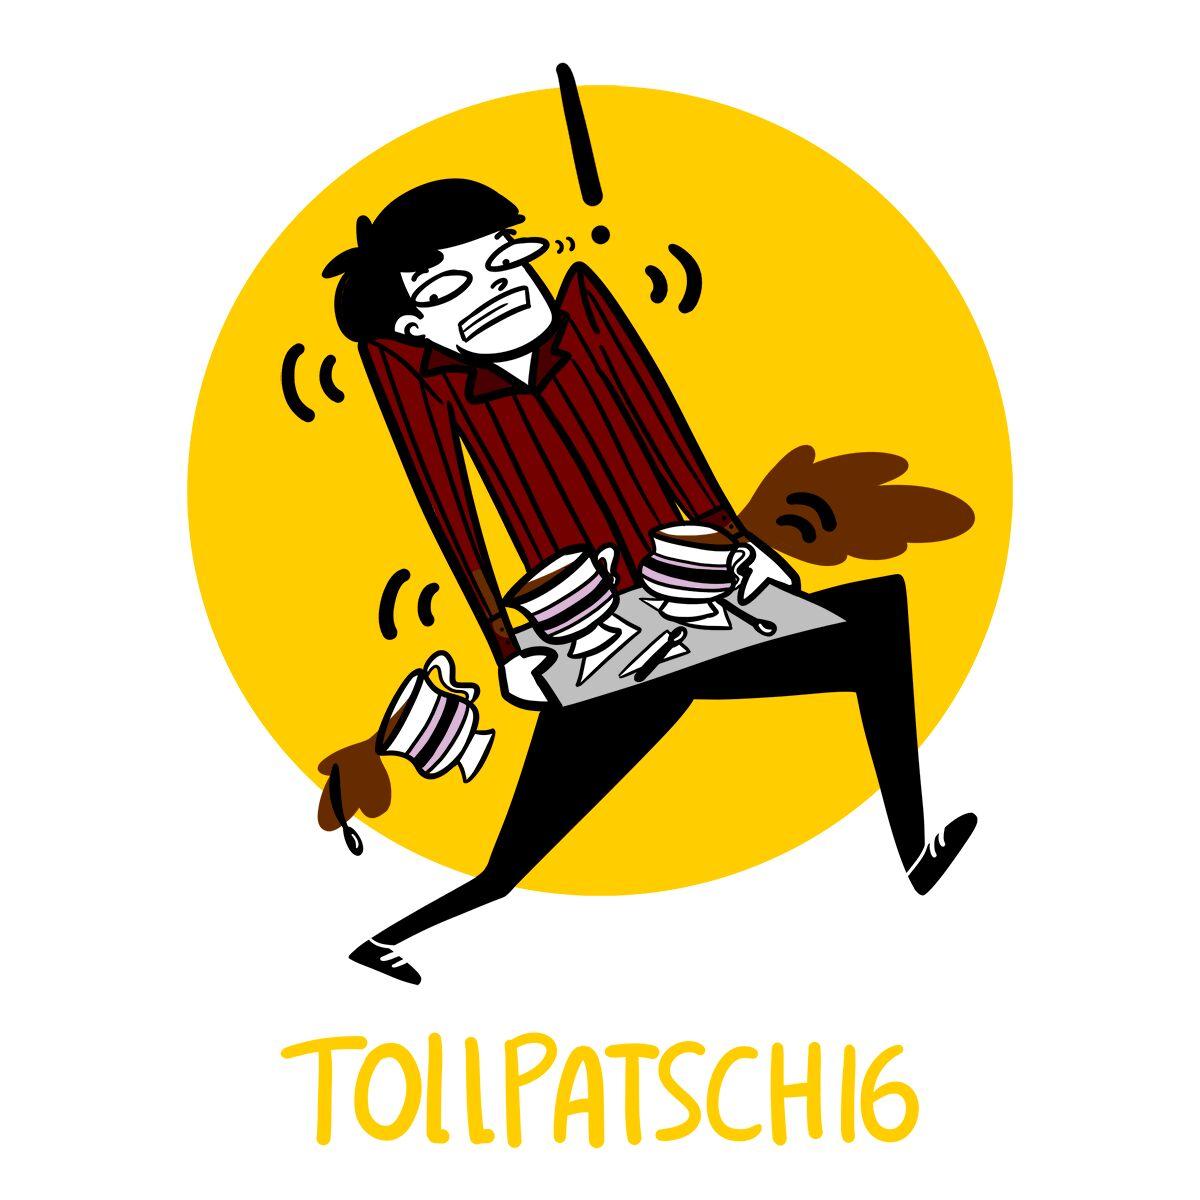 palavras em alemão tollpatschig